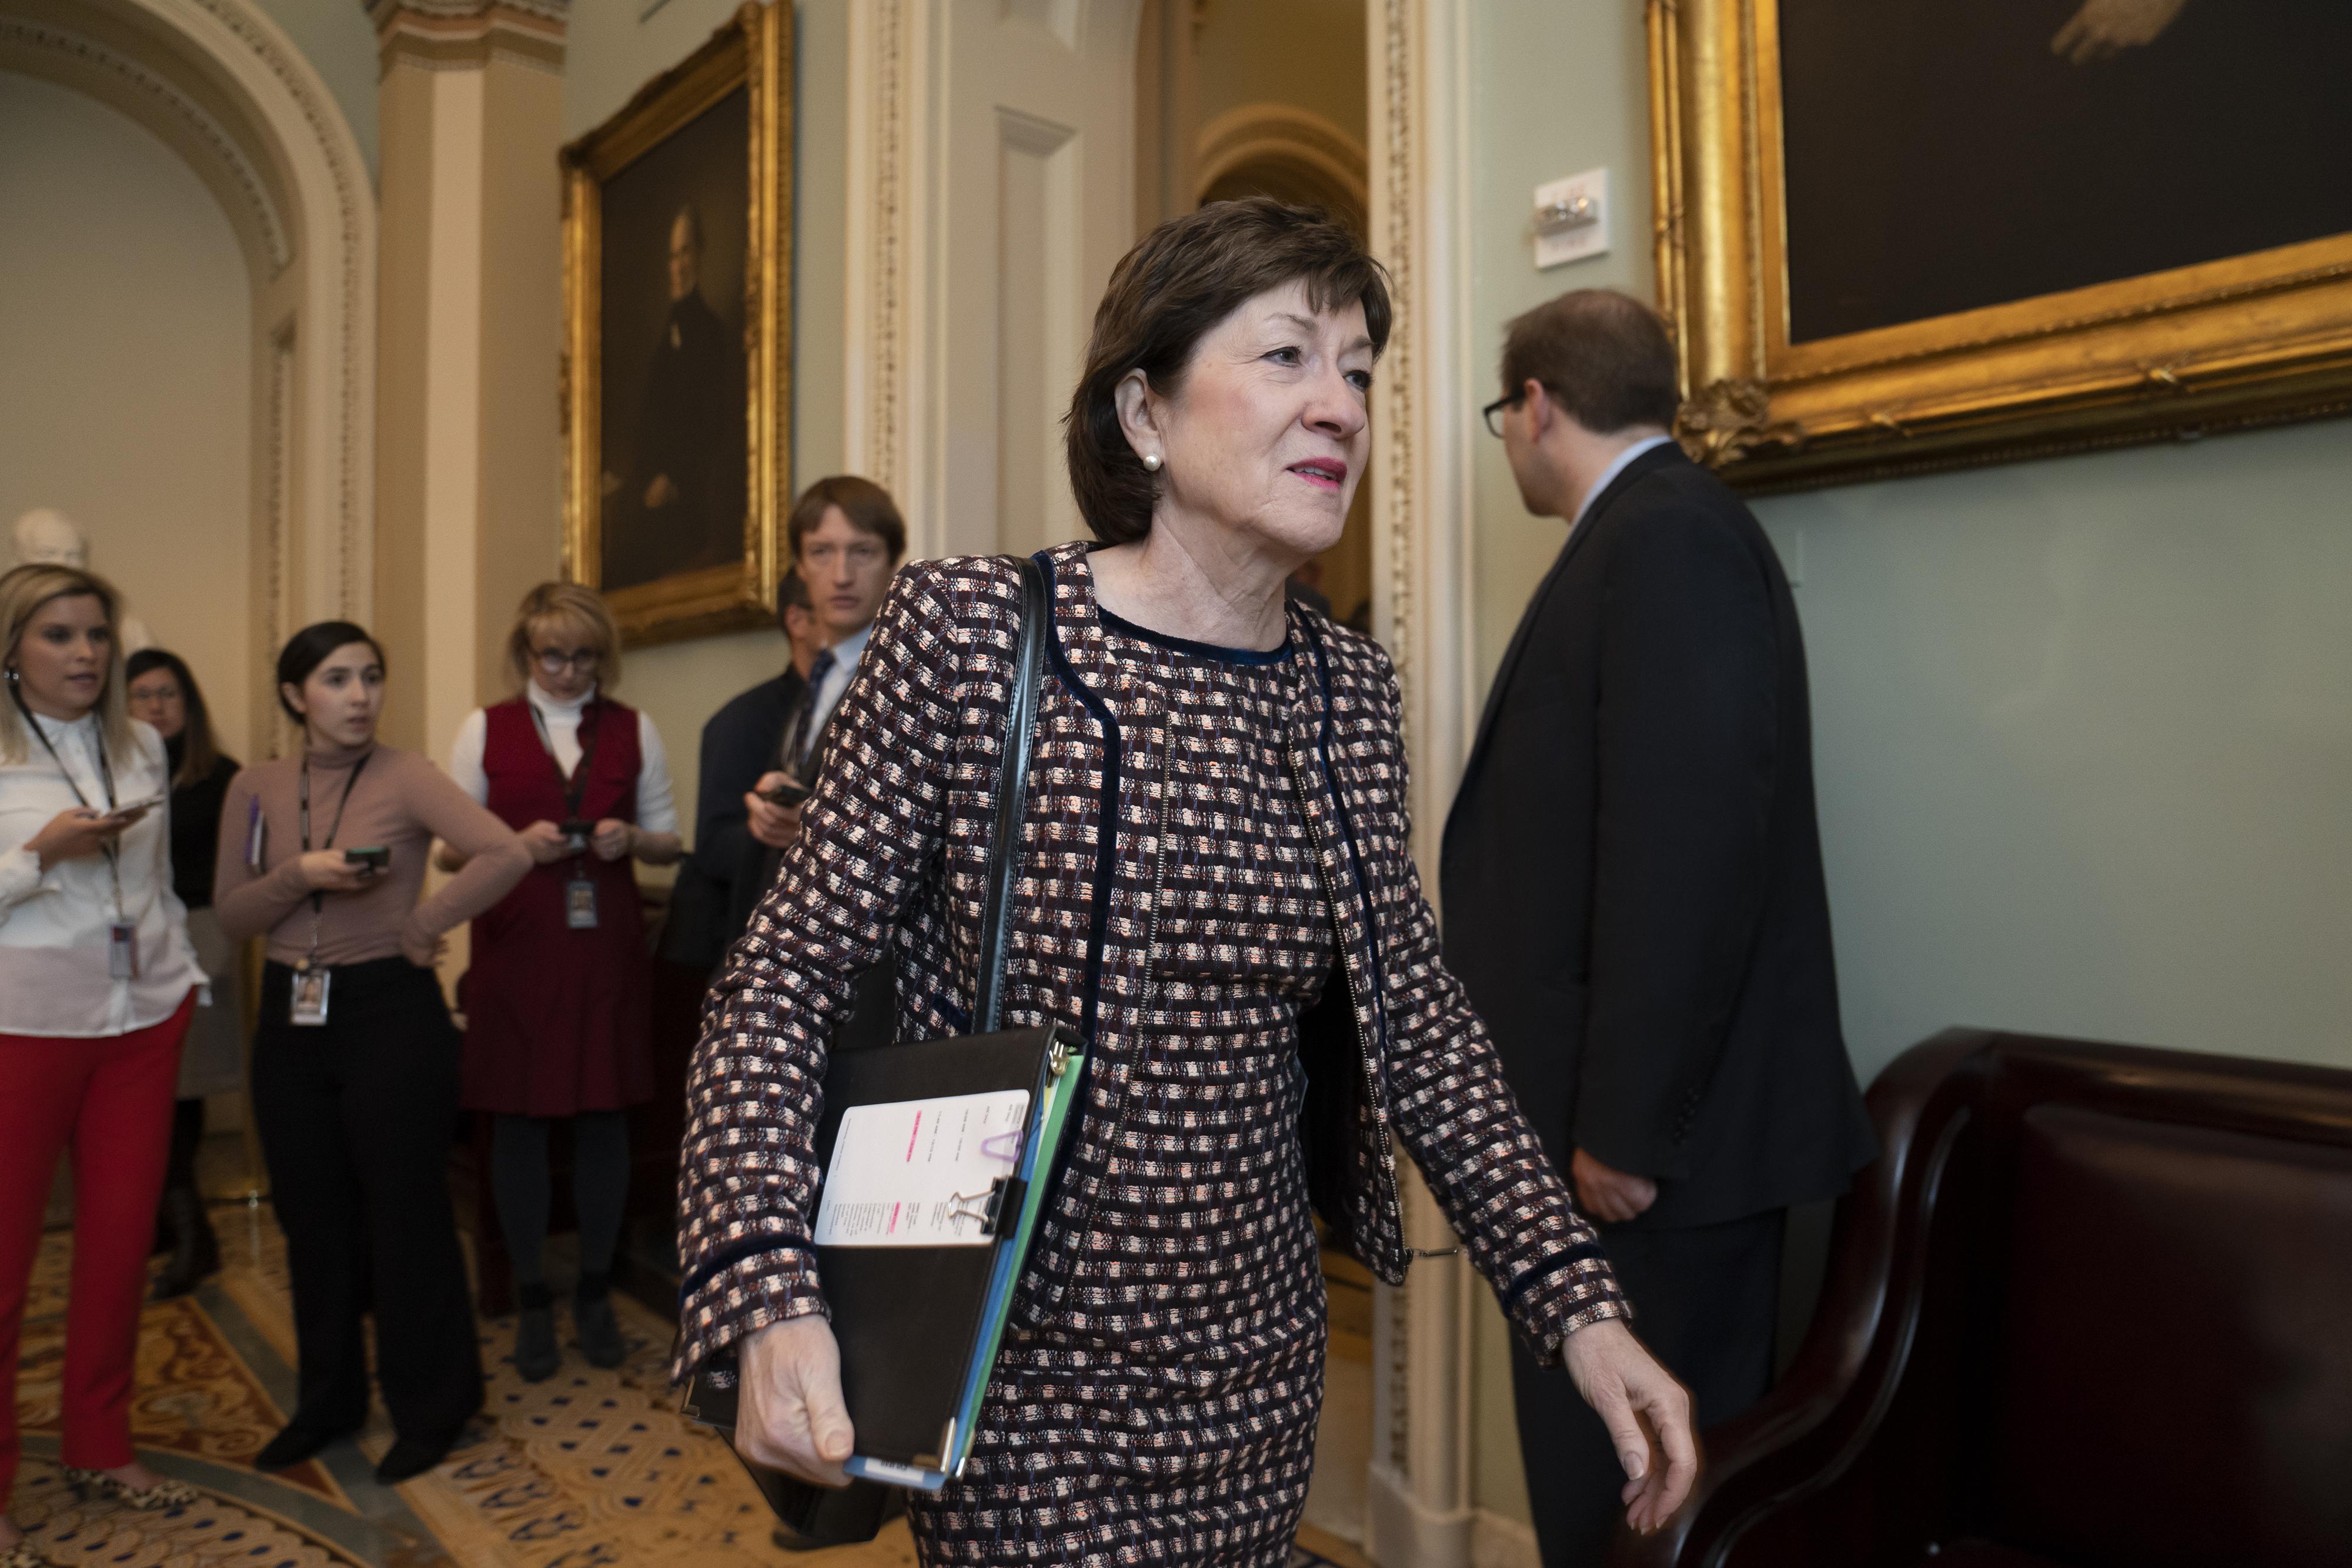 Chief justice swears in Senate for Trump impeachment trial